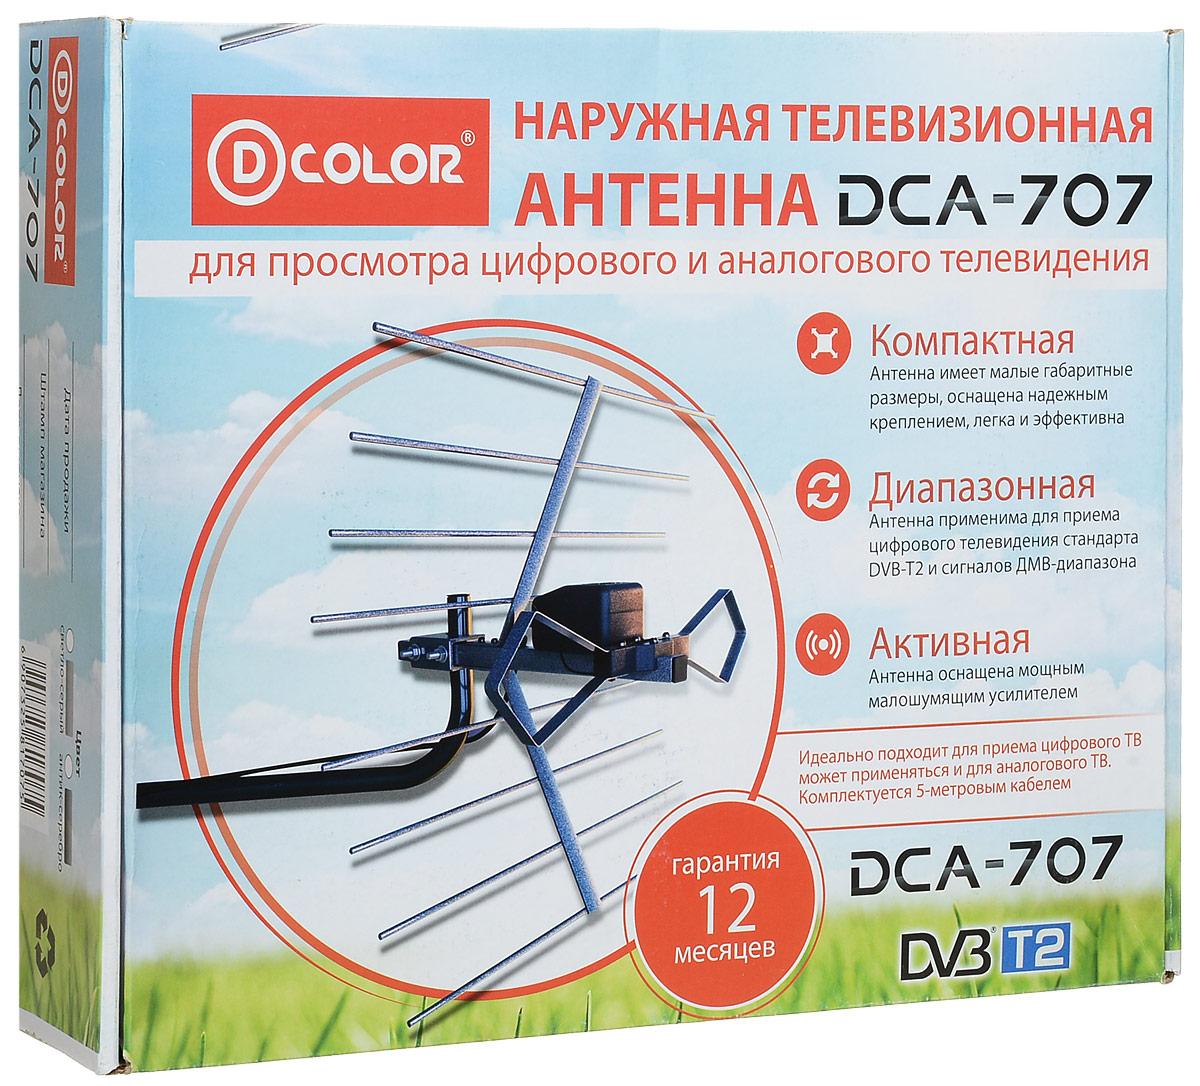 D-Color DCA-707 антенна для цифрового ТВ (активная)